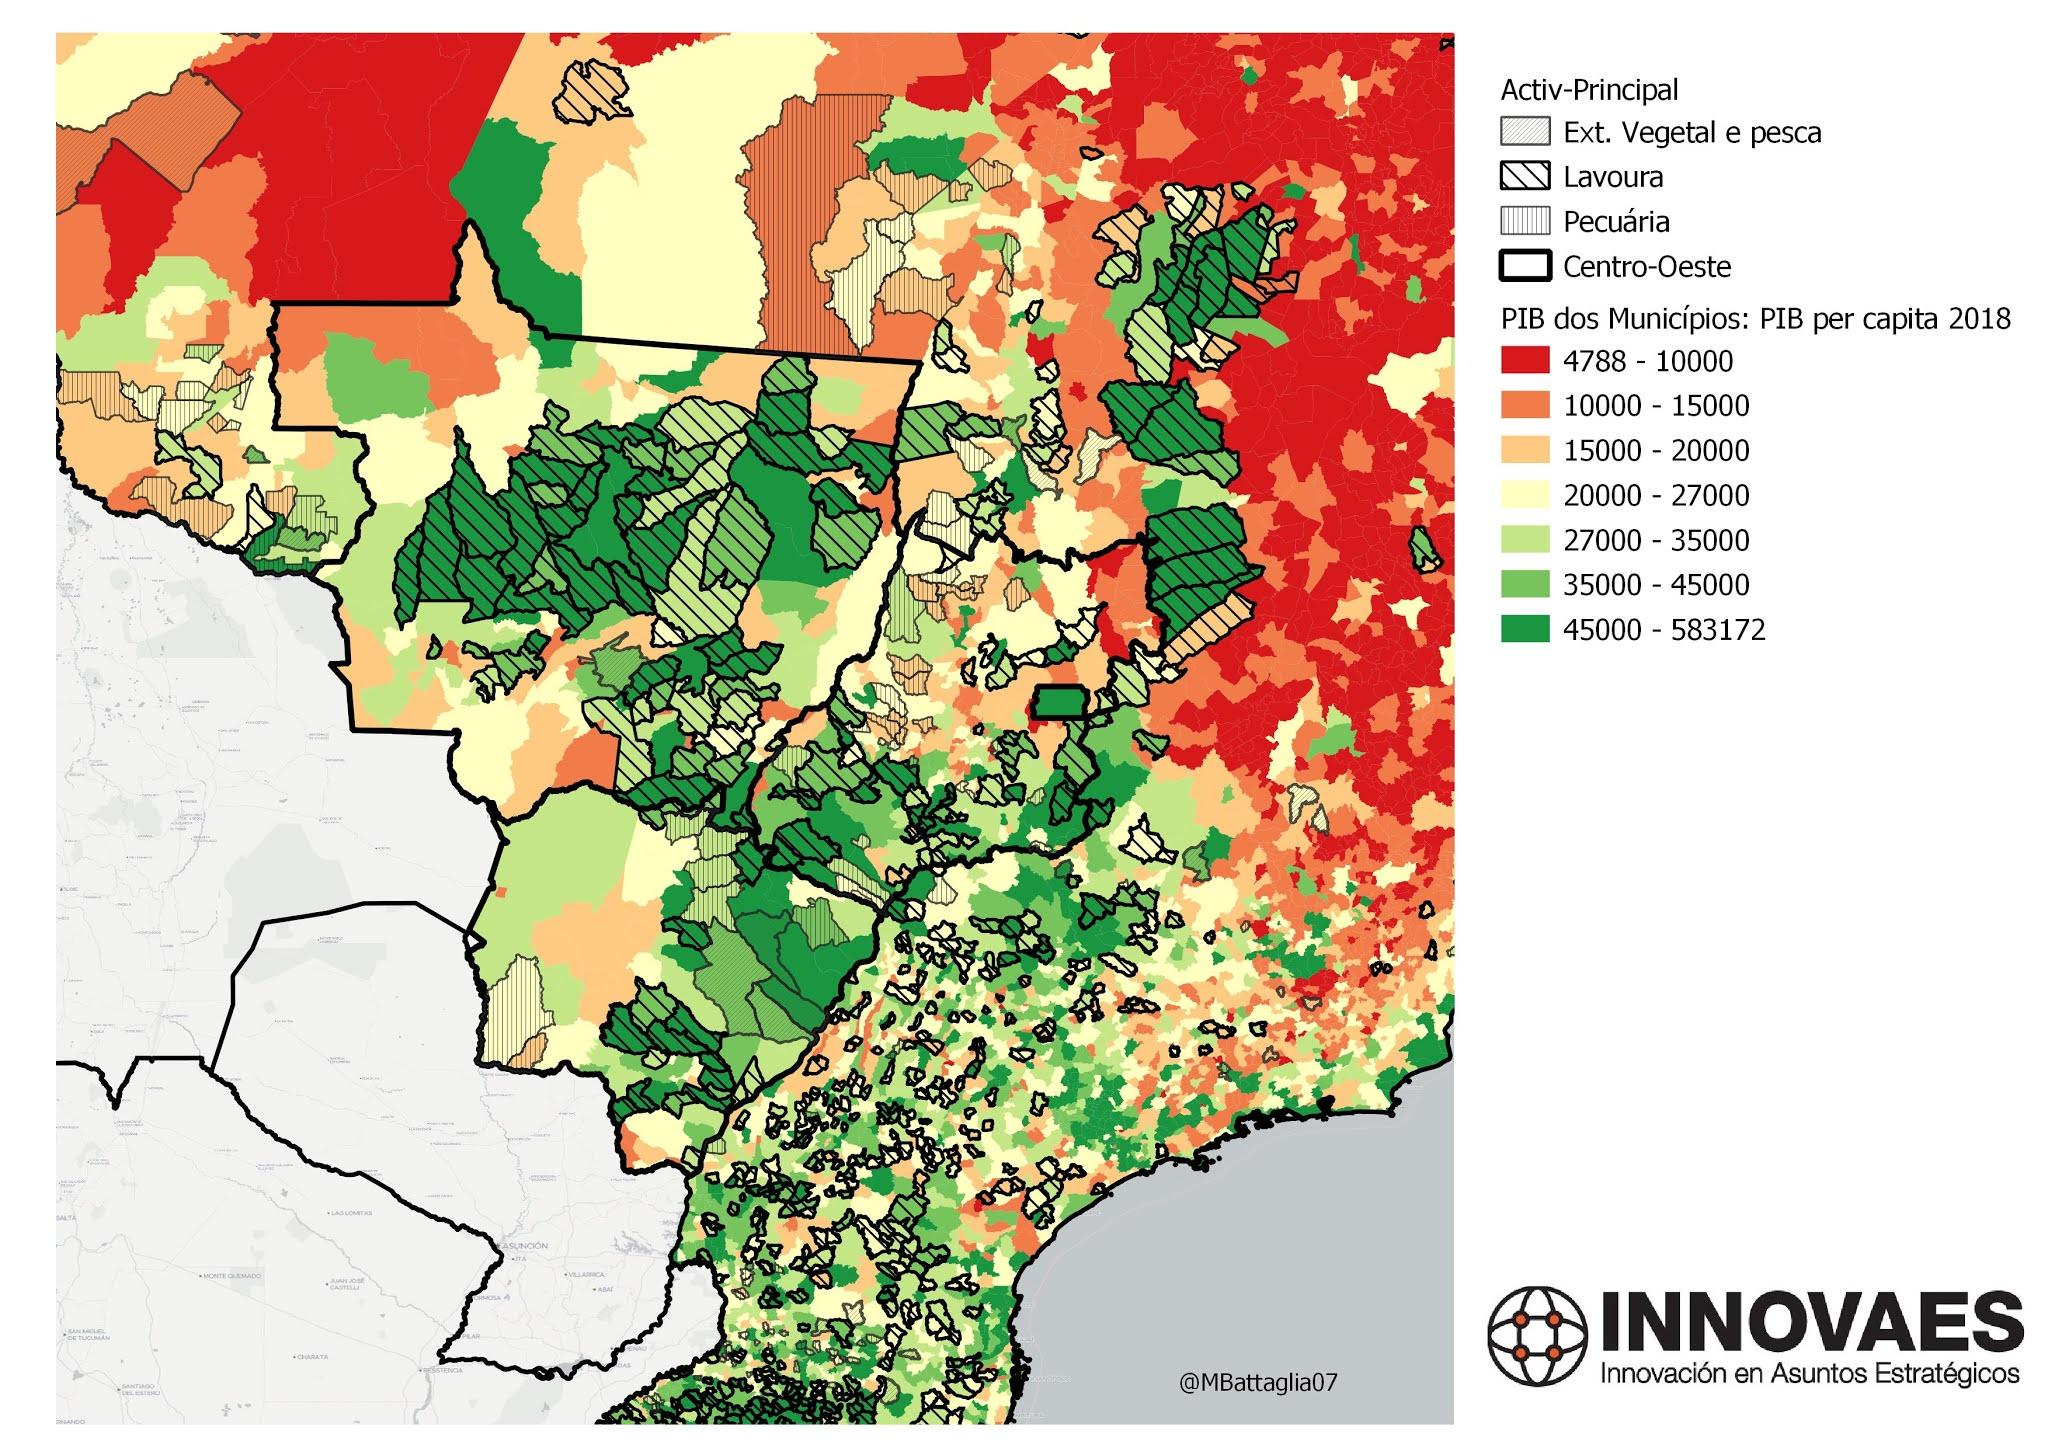 PBI per capita agroindustrial brasil